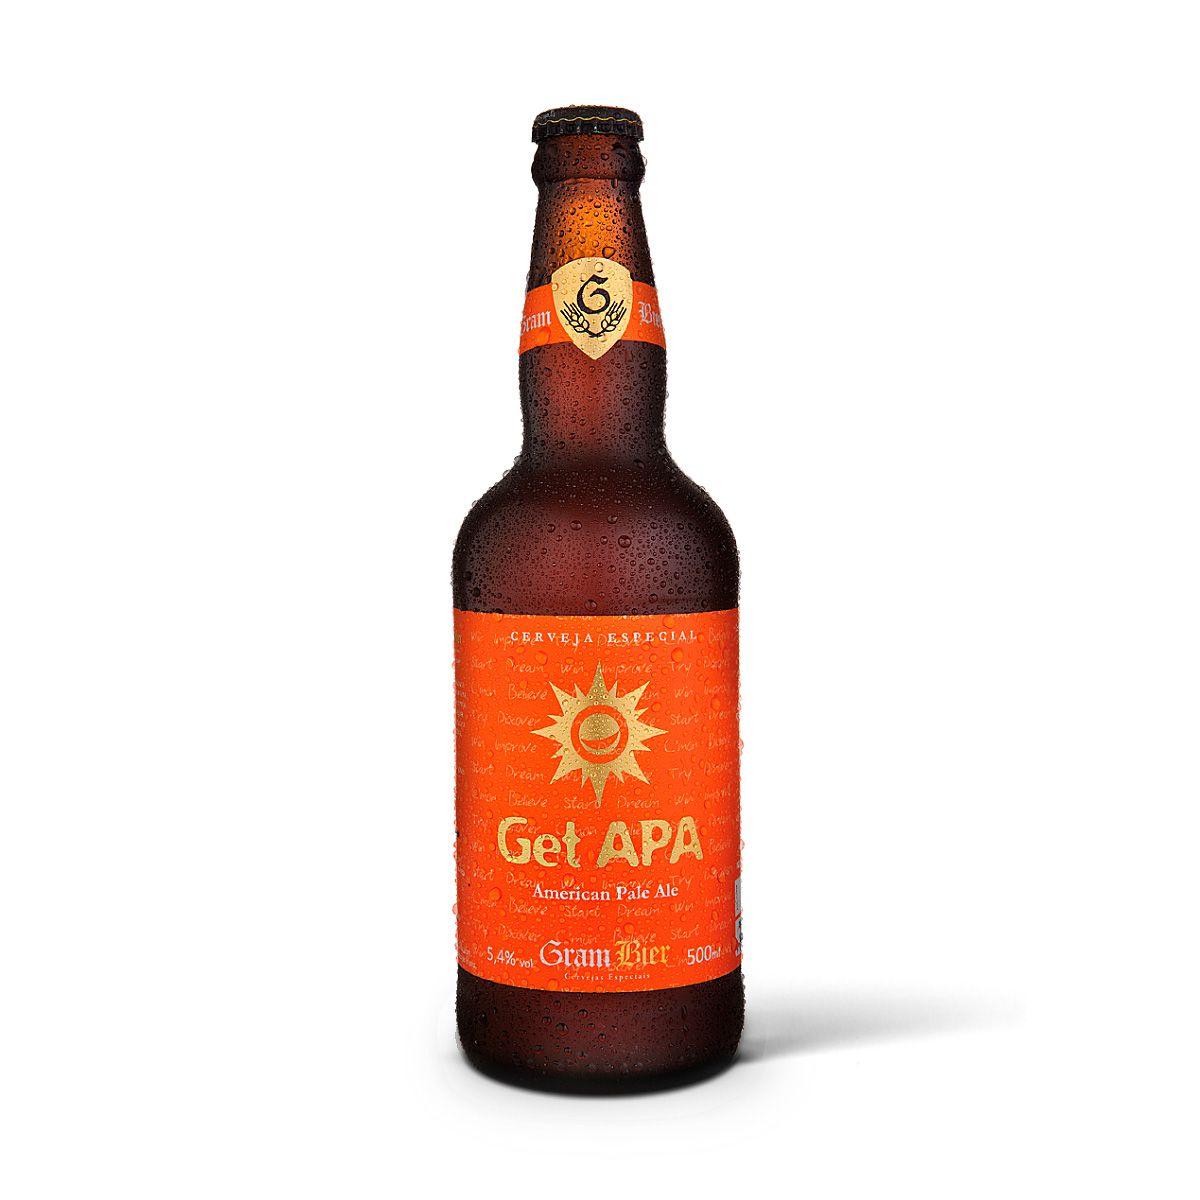 Gram Bier American Pale Ale Get APA 500ml